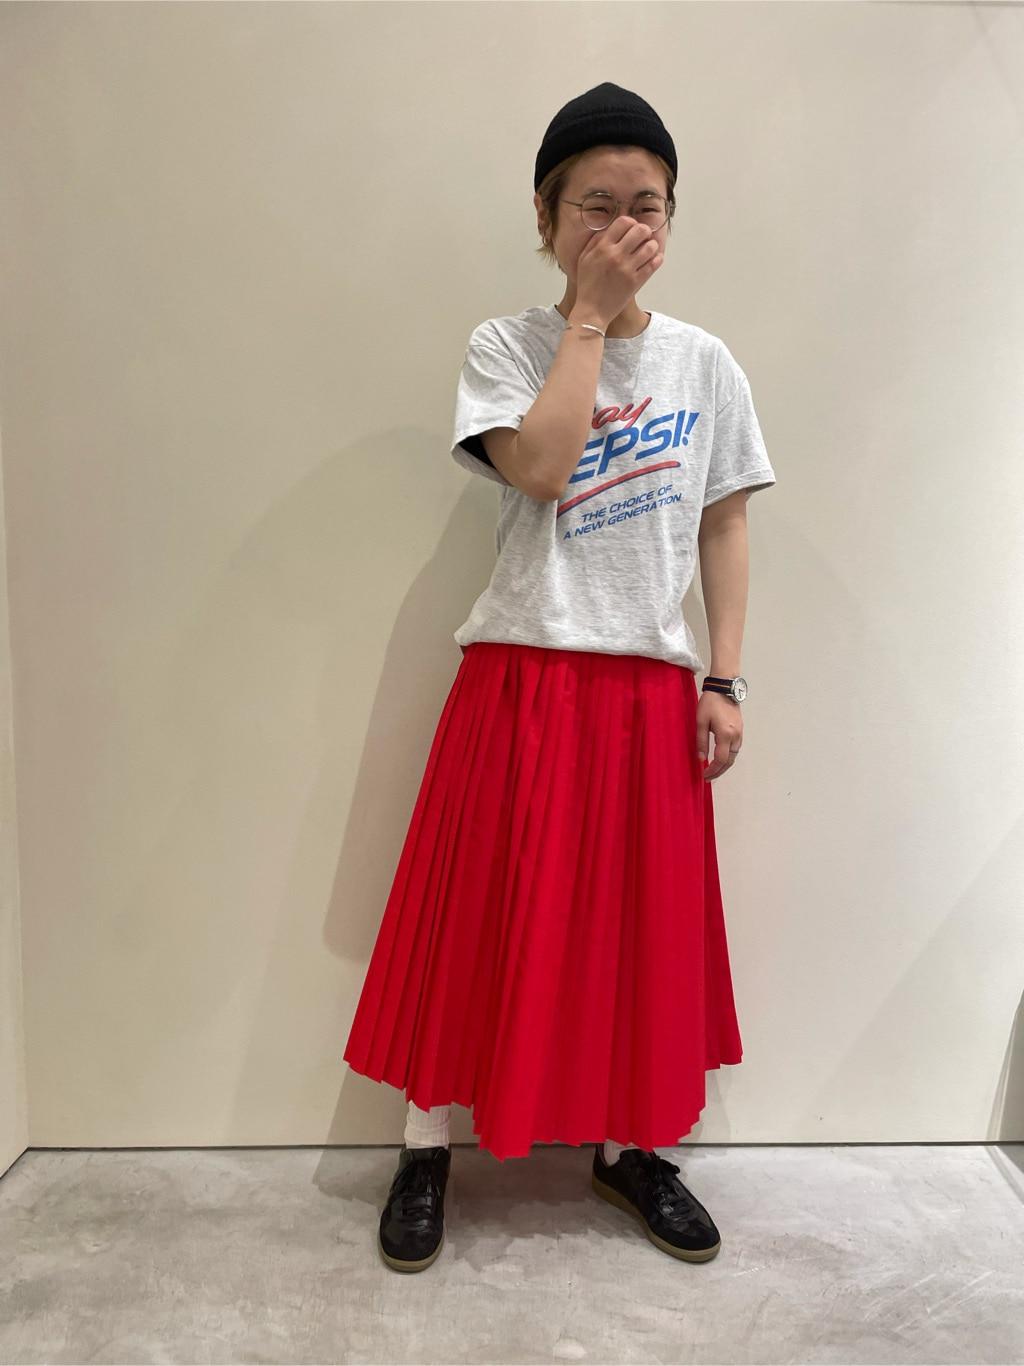 - CHILD WOMAN CHILD WOMAN , PAR ICI 新宿ミロード 身長:157cm 2021.06.09